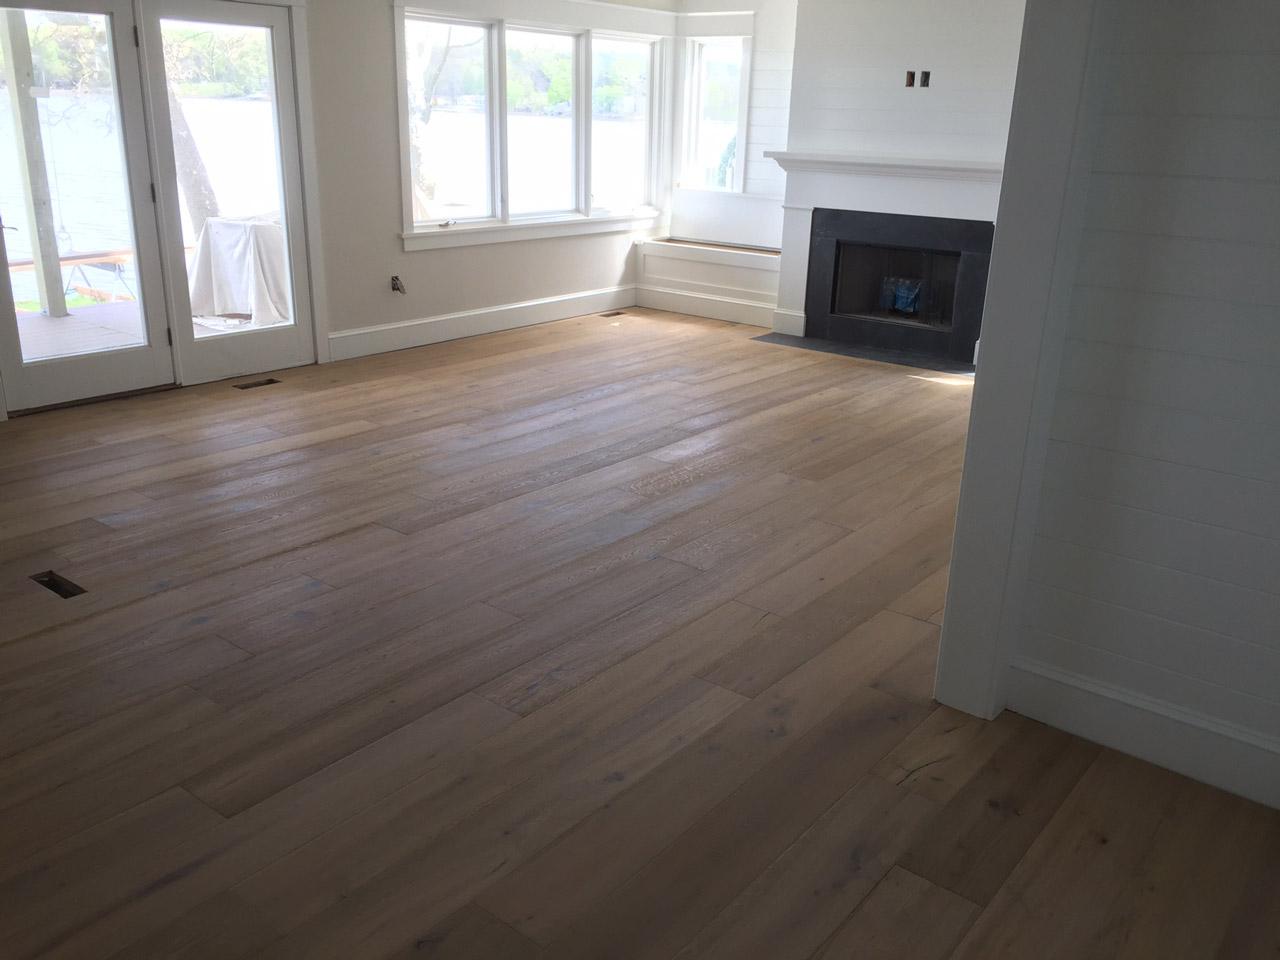 walsh-hardwood-flooring-back-room-1280x960-1